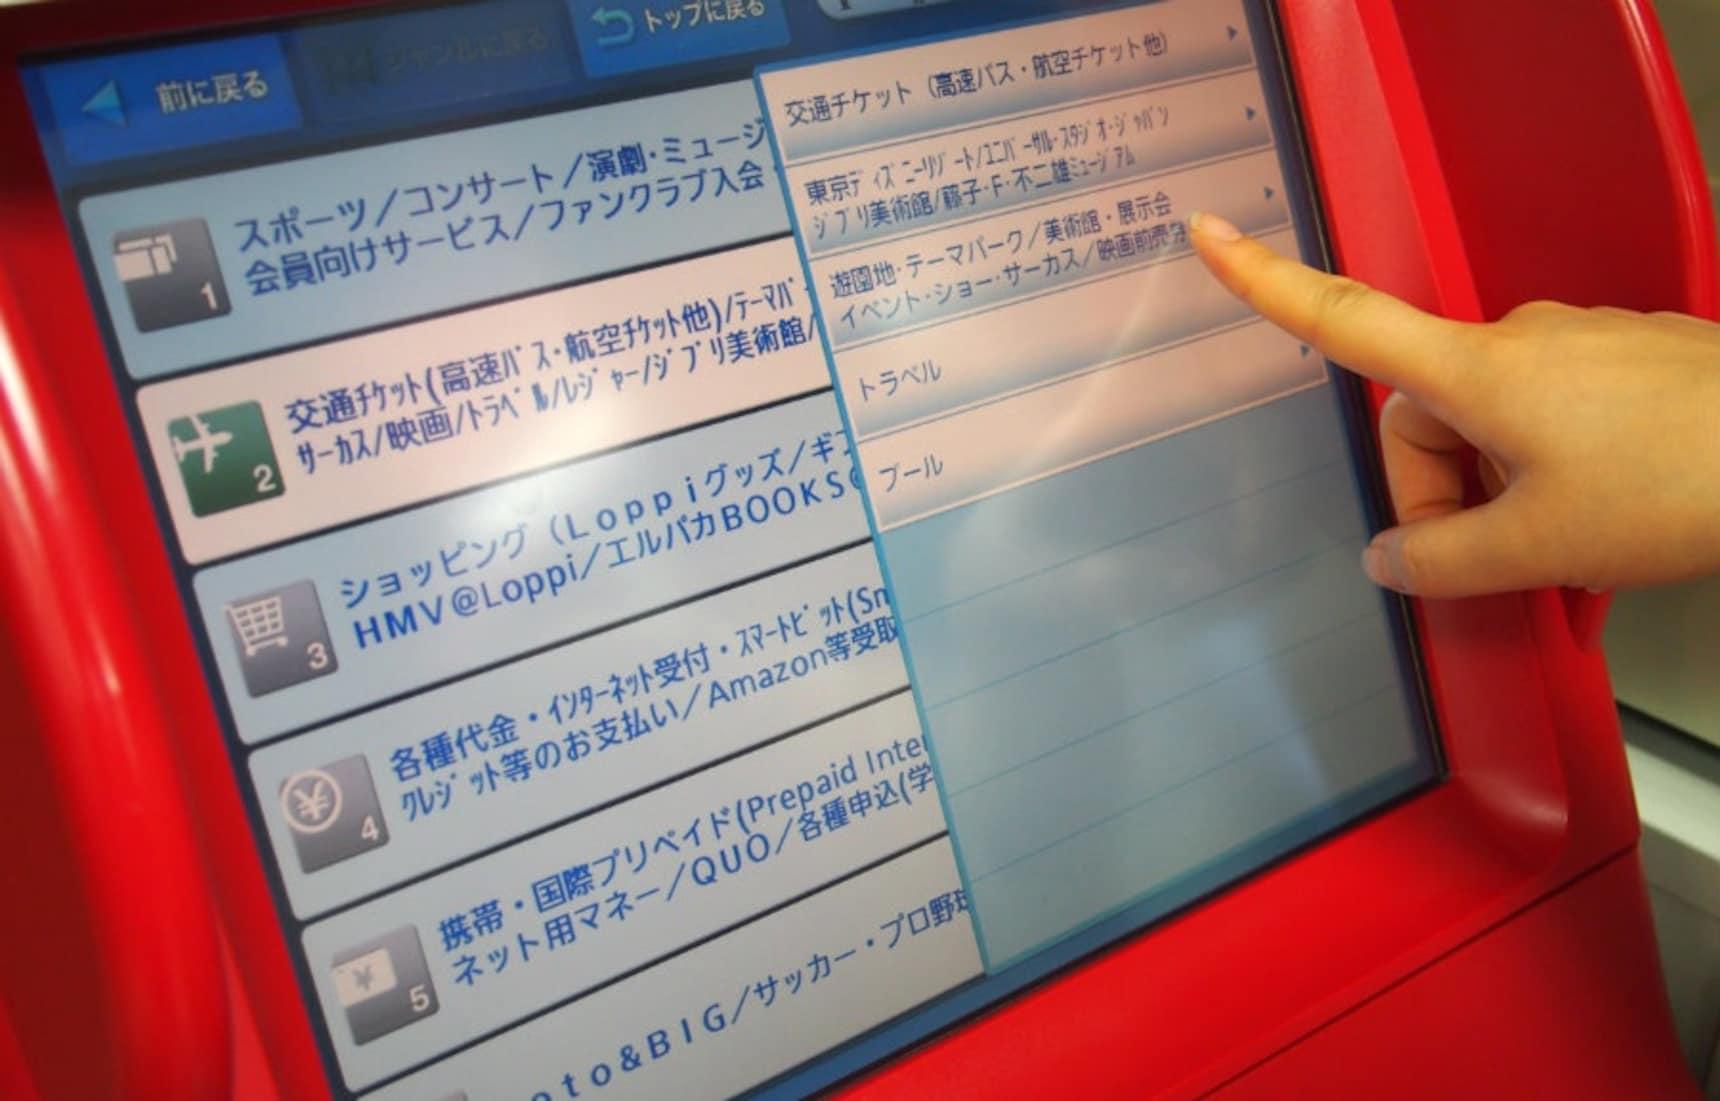 超实用哦!手把手教你如何使用便利店自助购票机